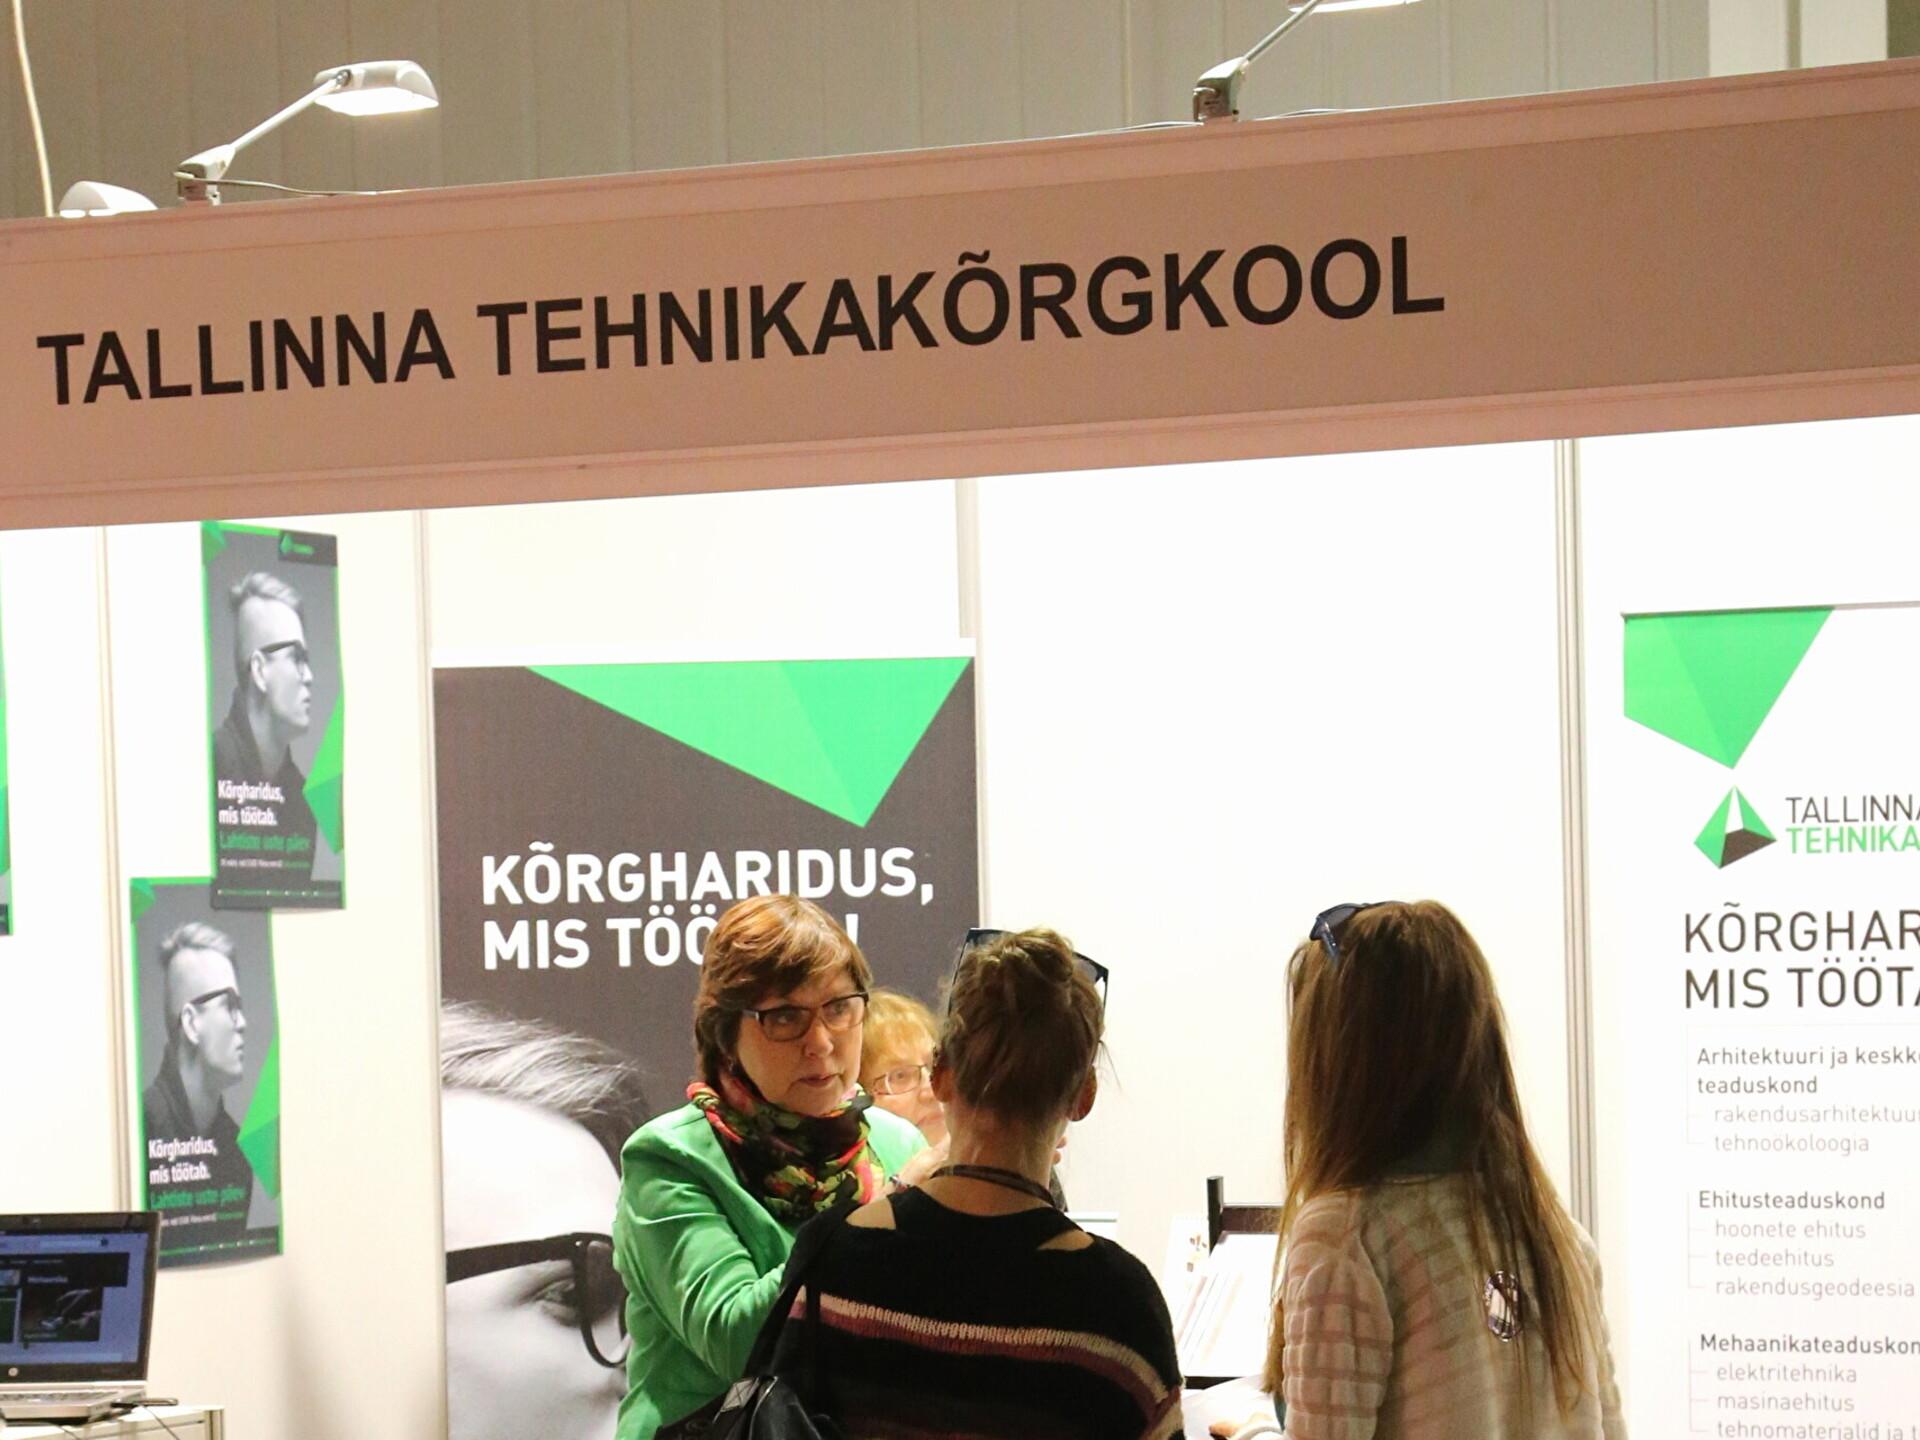 f1cb3f2a2f2 Tallinna tehnikakõrgkool ja Lääne-Viru rakenduskõrgkool liituvad | Eesti |  ERR